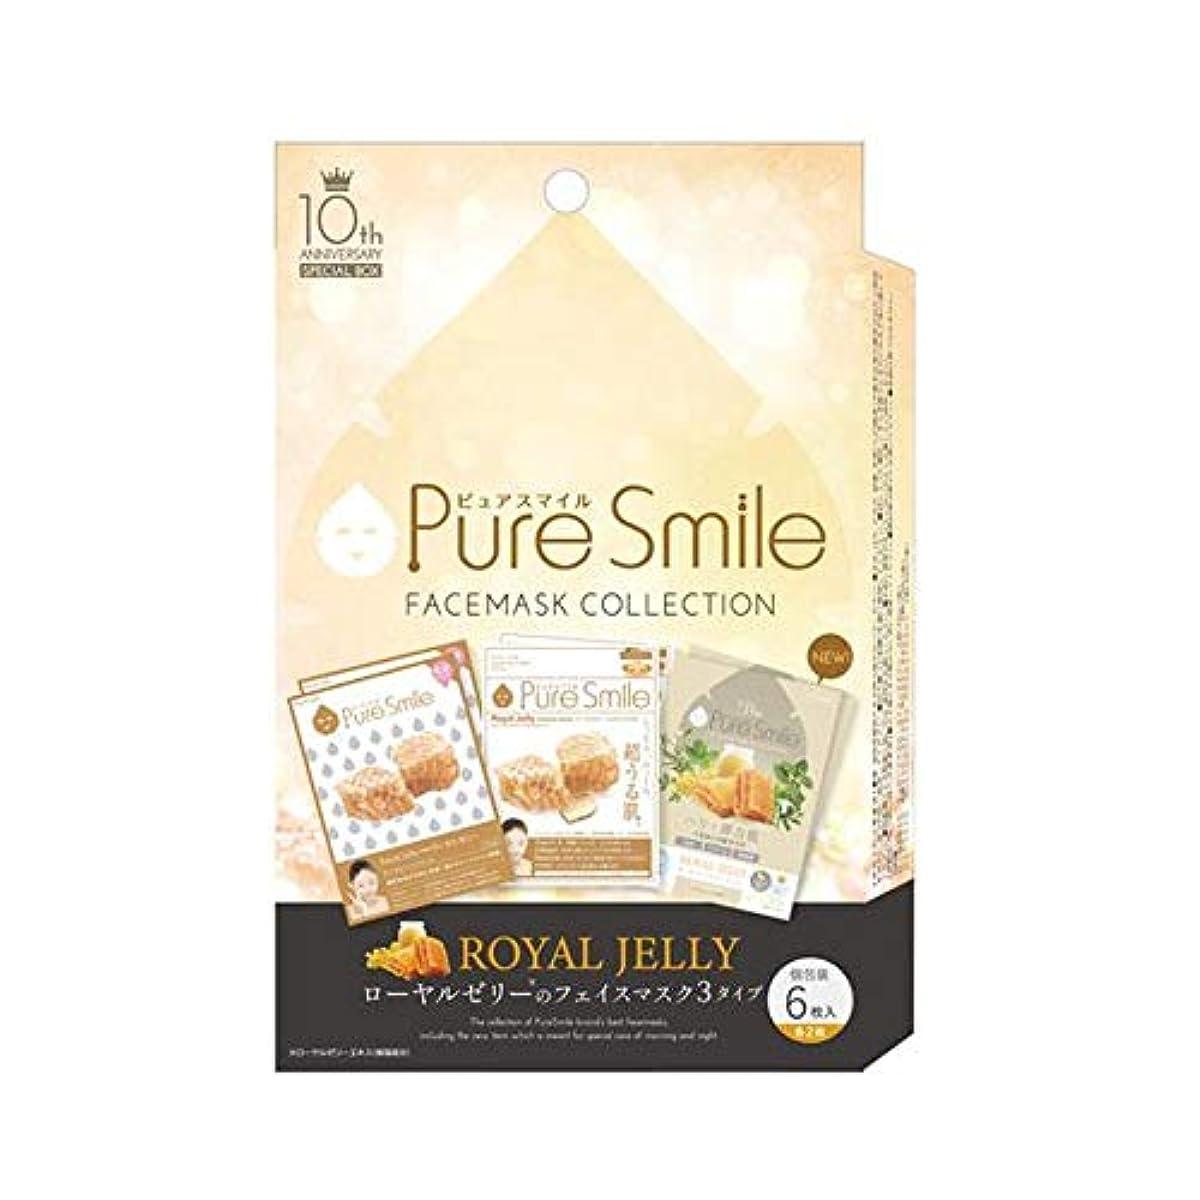 修正する階層バンガローピュア スマイル Pure Smile 10thアニバーサリー スペシャルボックス ローヤルゼリーエキス 6枚入り